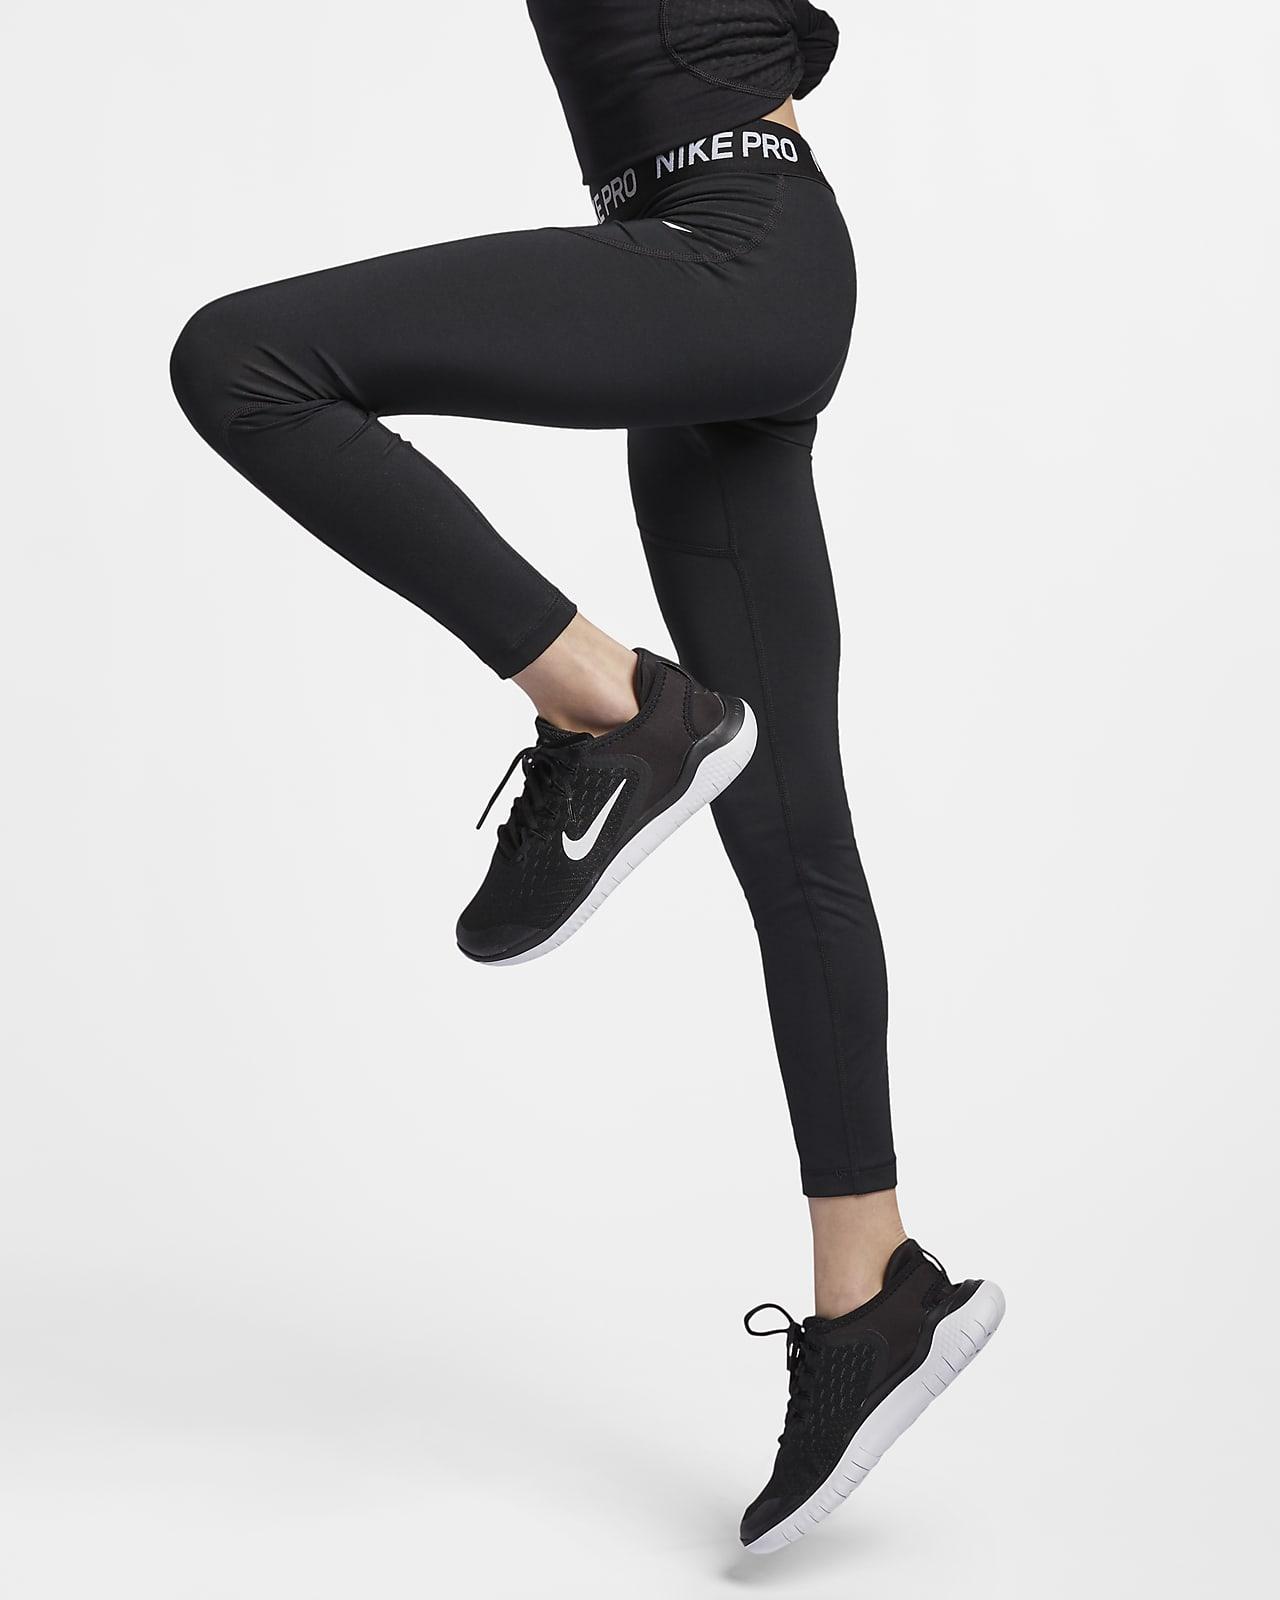 Тайтсы для девочек школьного возраста Nike Pro